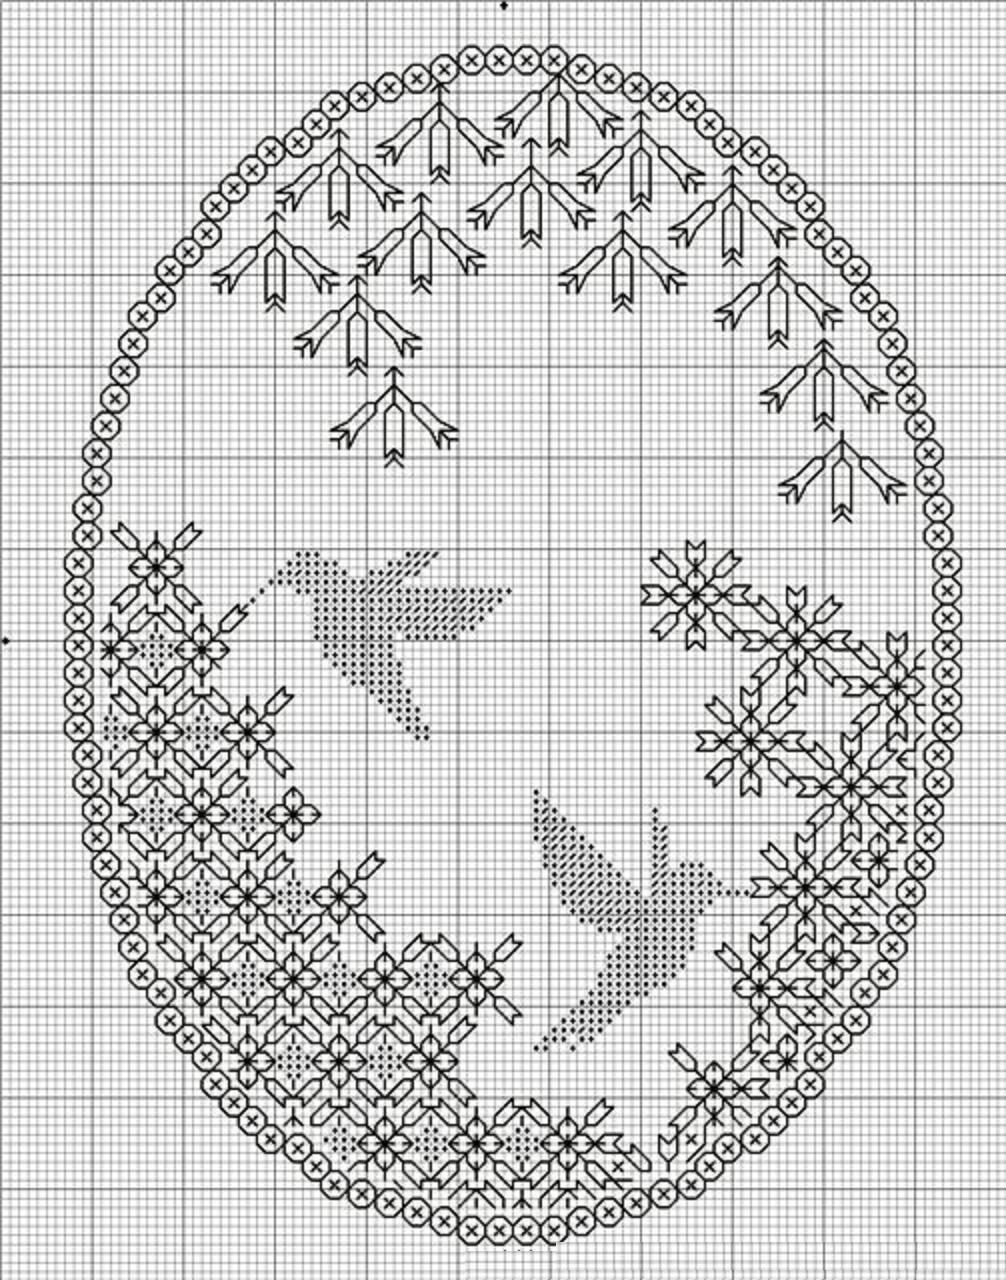 Pin by ivana jirankova on cross stitch mono pinterest